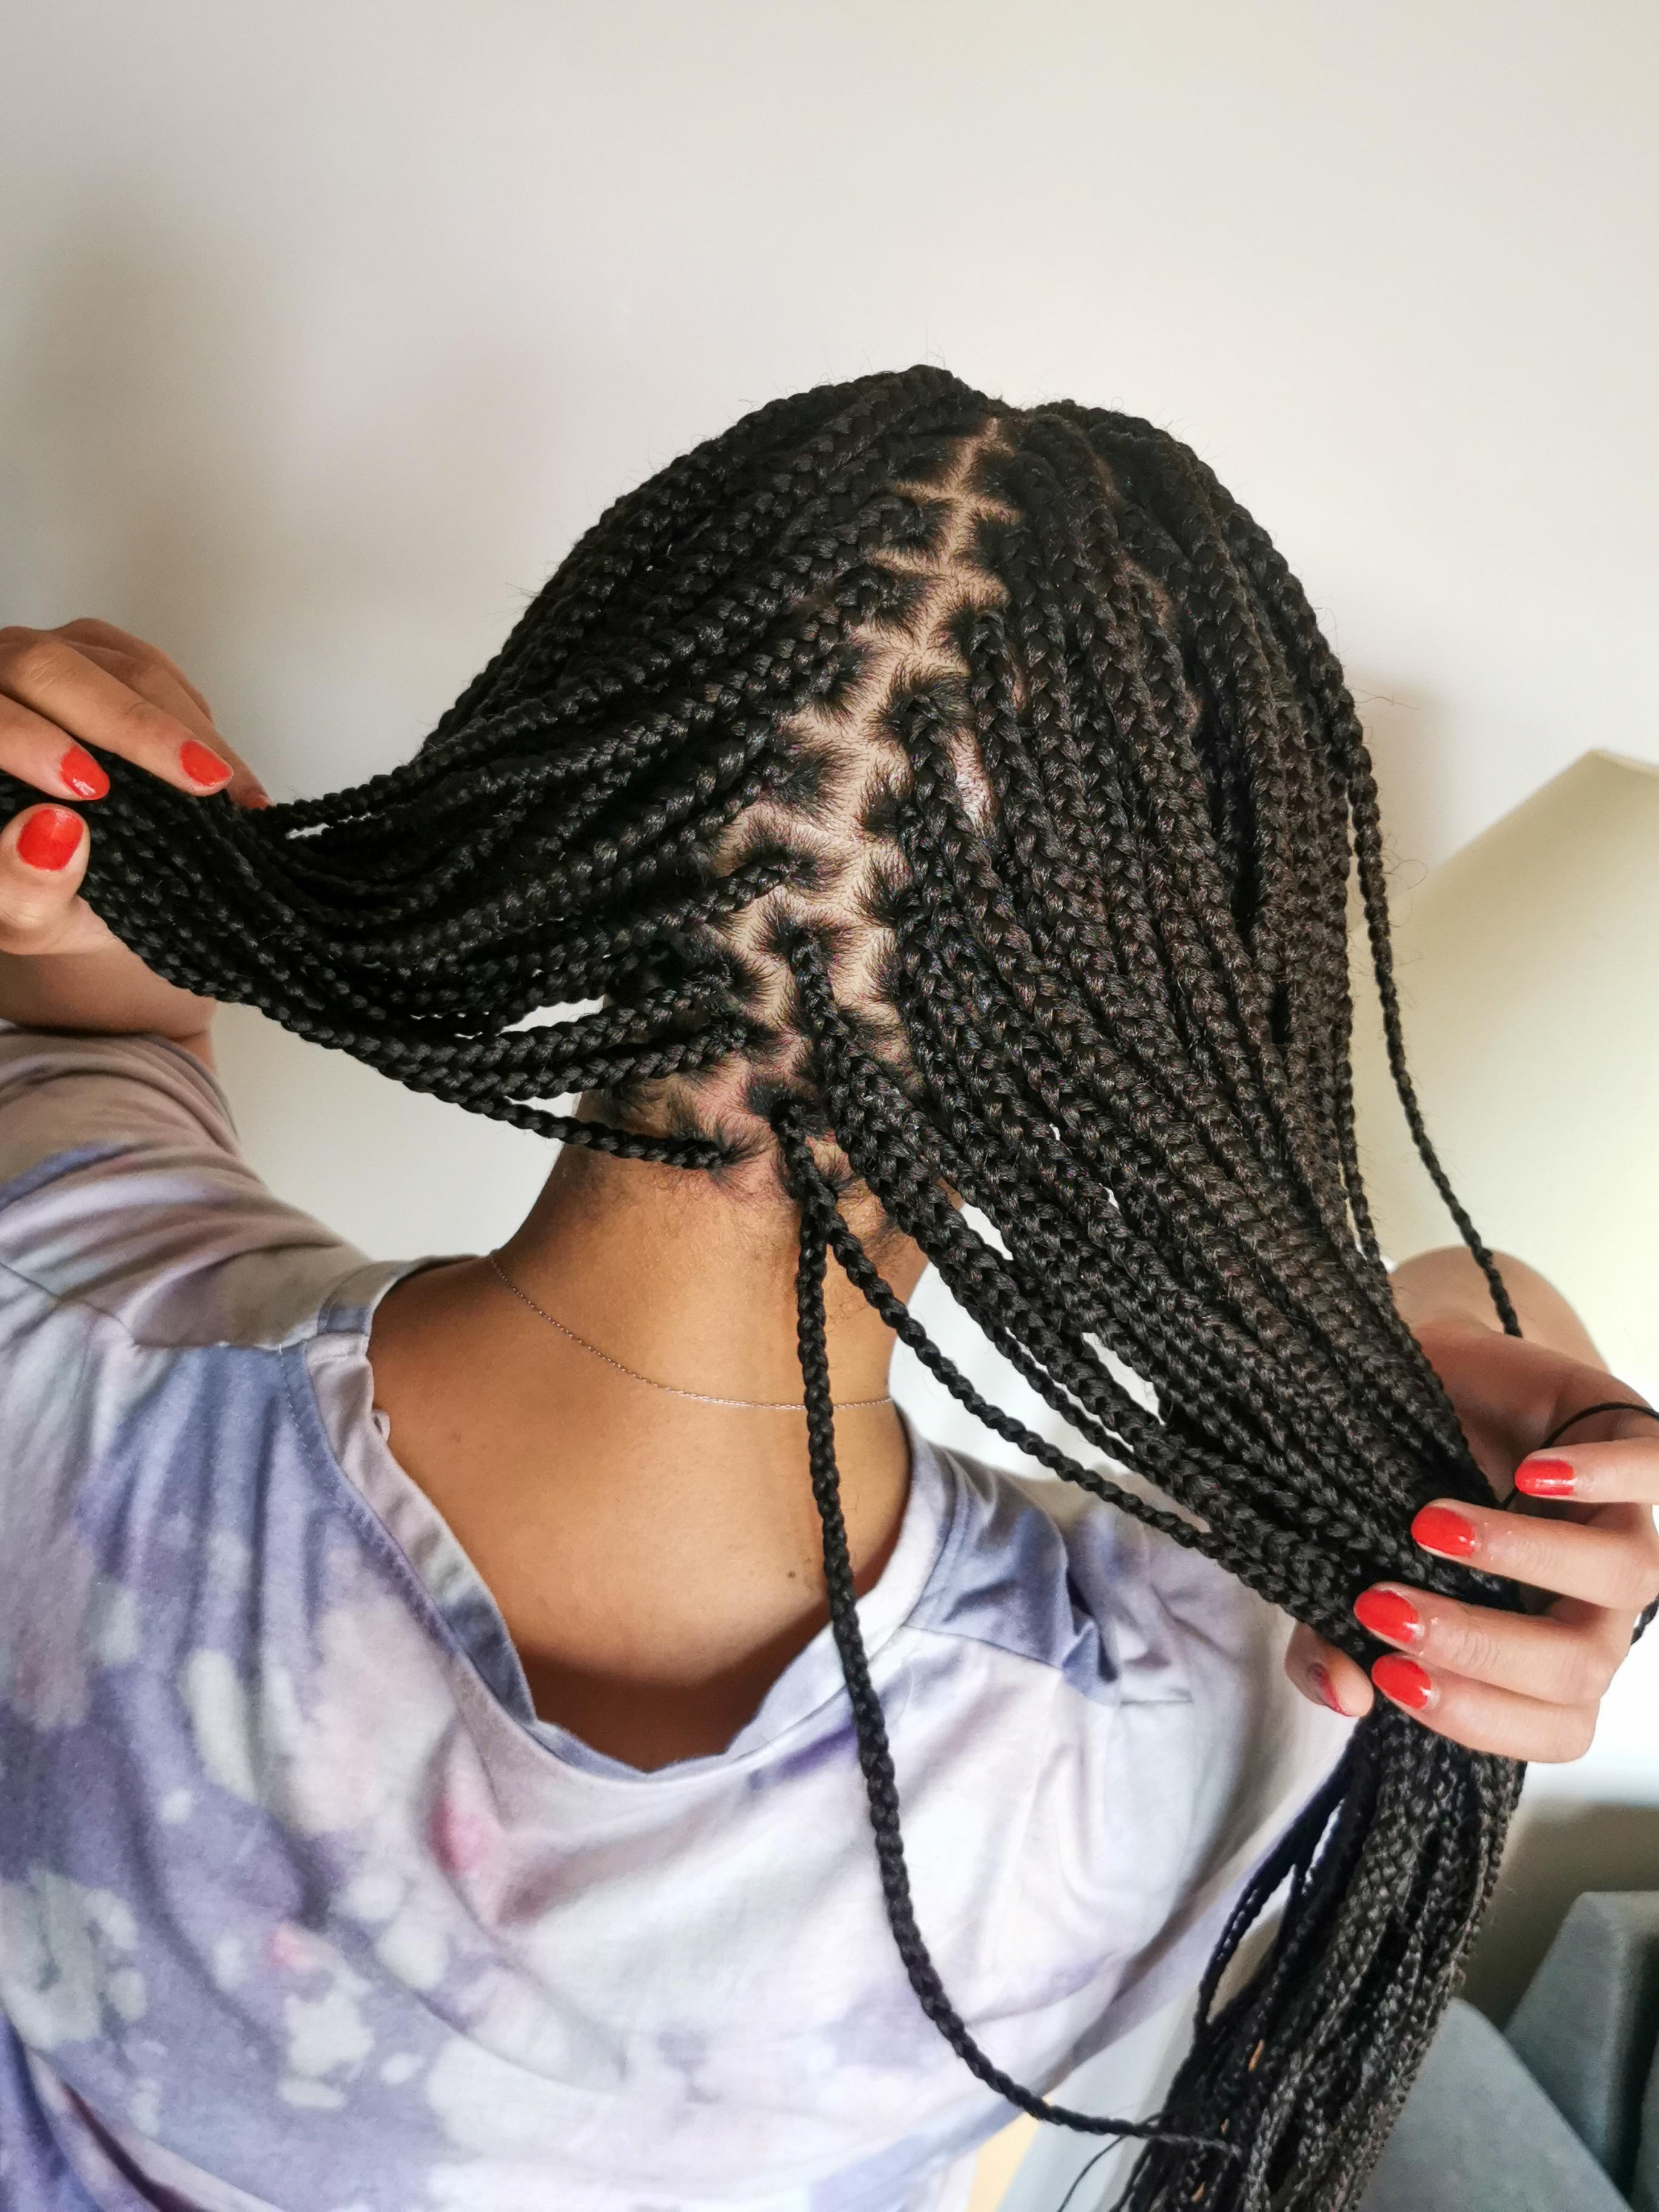 salon de coiffure afro tresse tresses box braids crochet braids vanilles tissages paris 75 77 78 91 92 93 94 95 ZIEEITXM